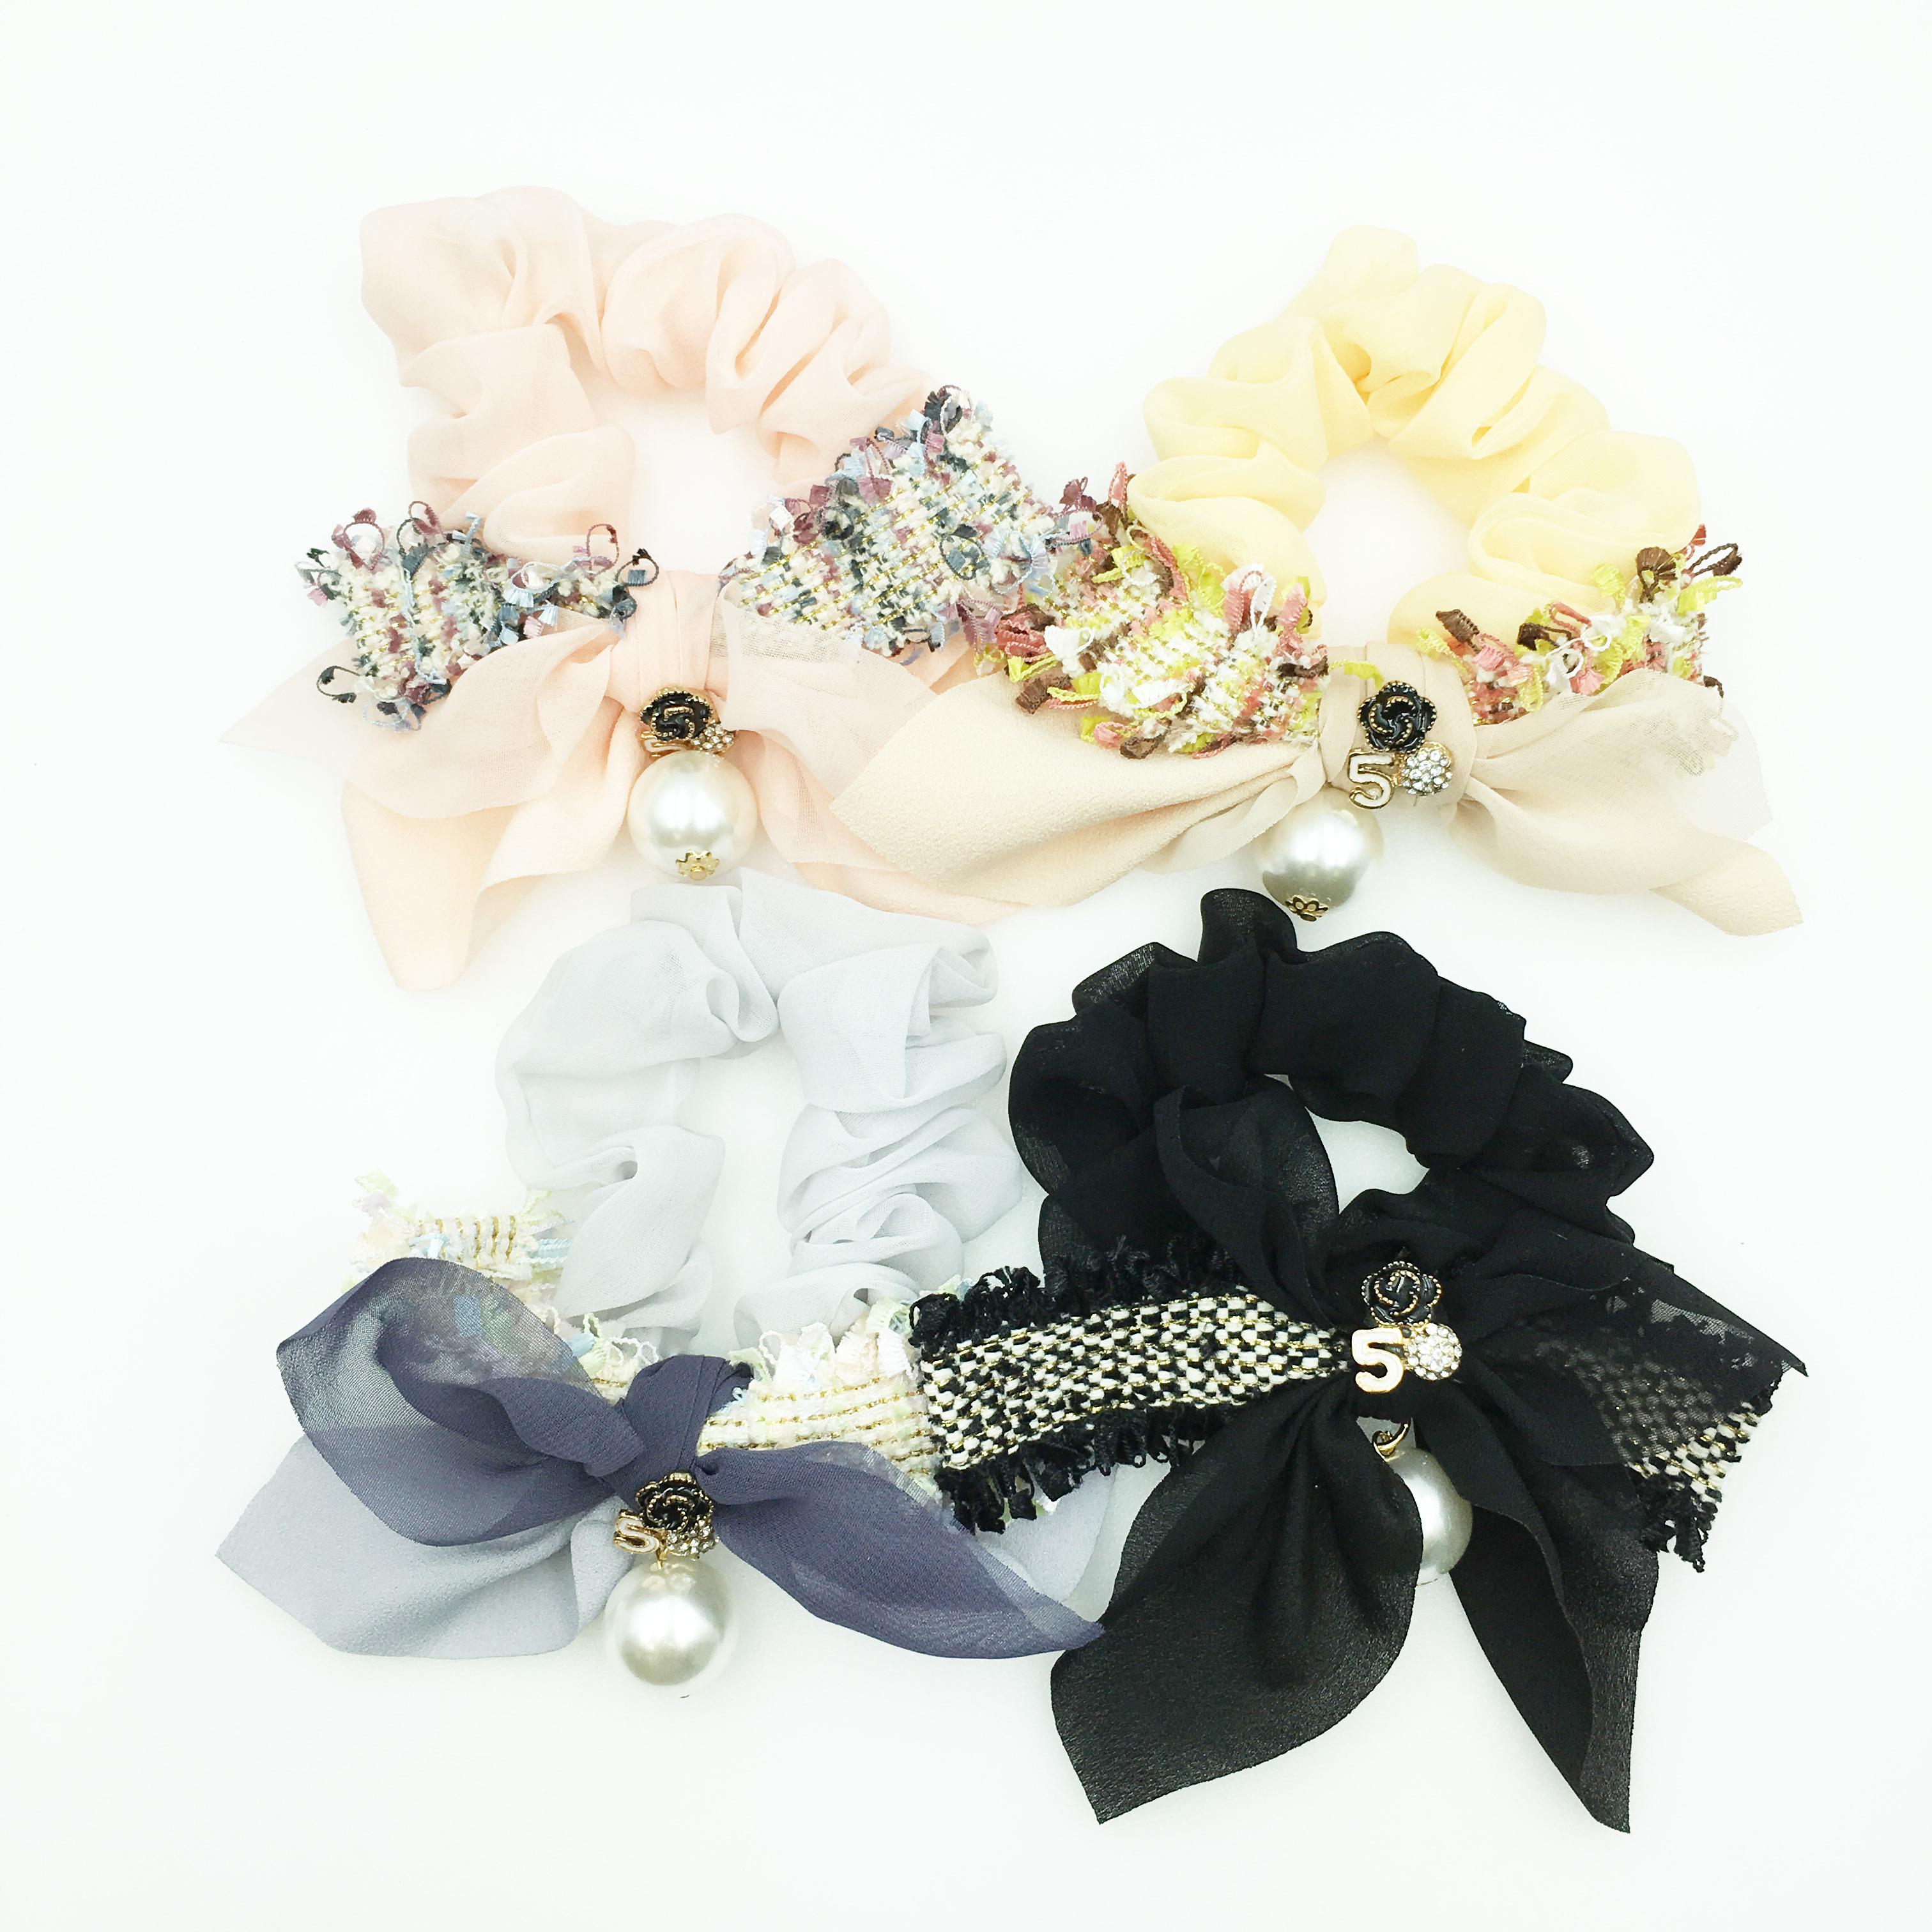 韓國 小香風 編織蝴蝶結 山茶花 水鑽 數字5 垂墜珍珠 透紗 4色 髮圈 大腸圈